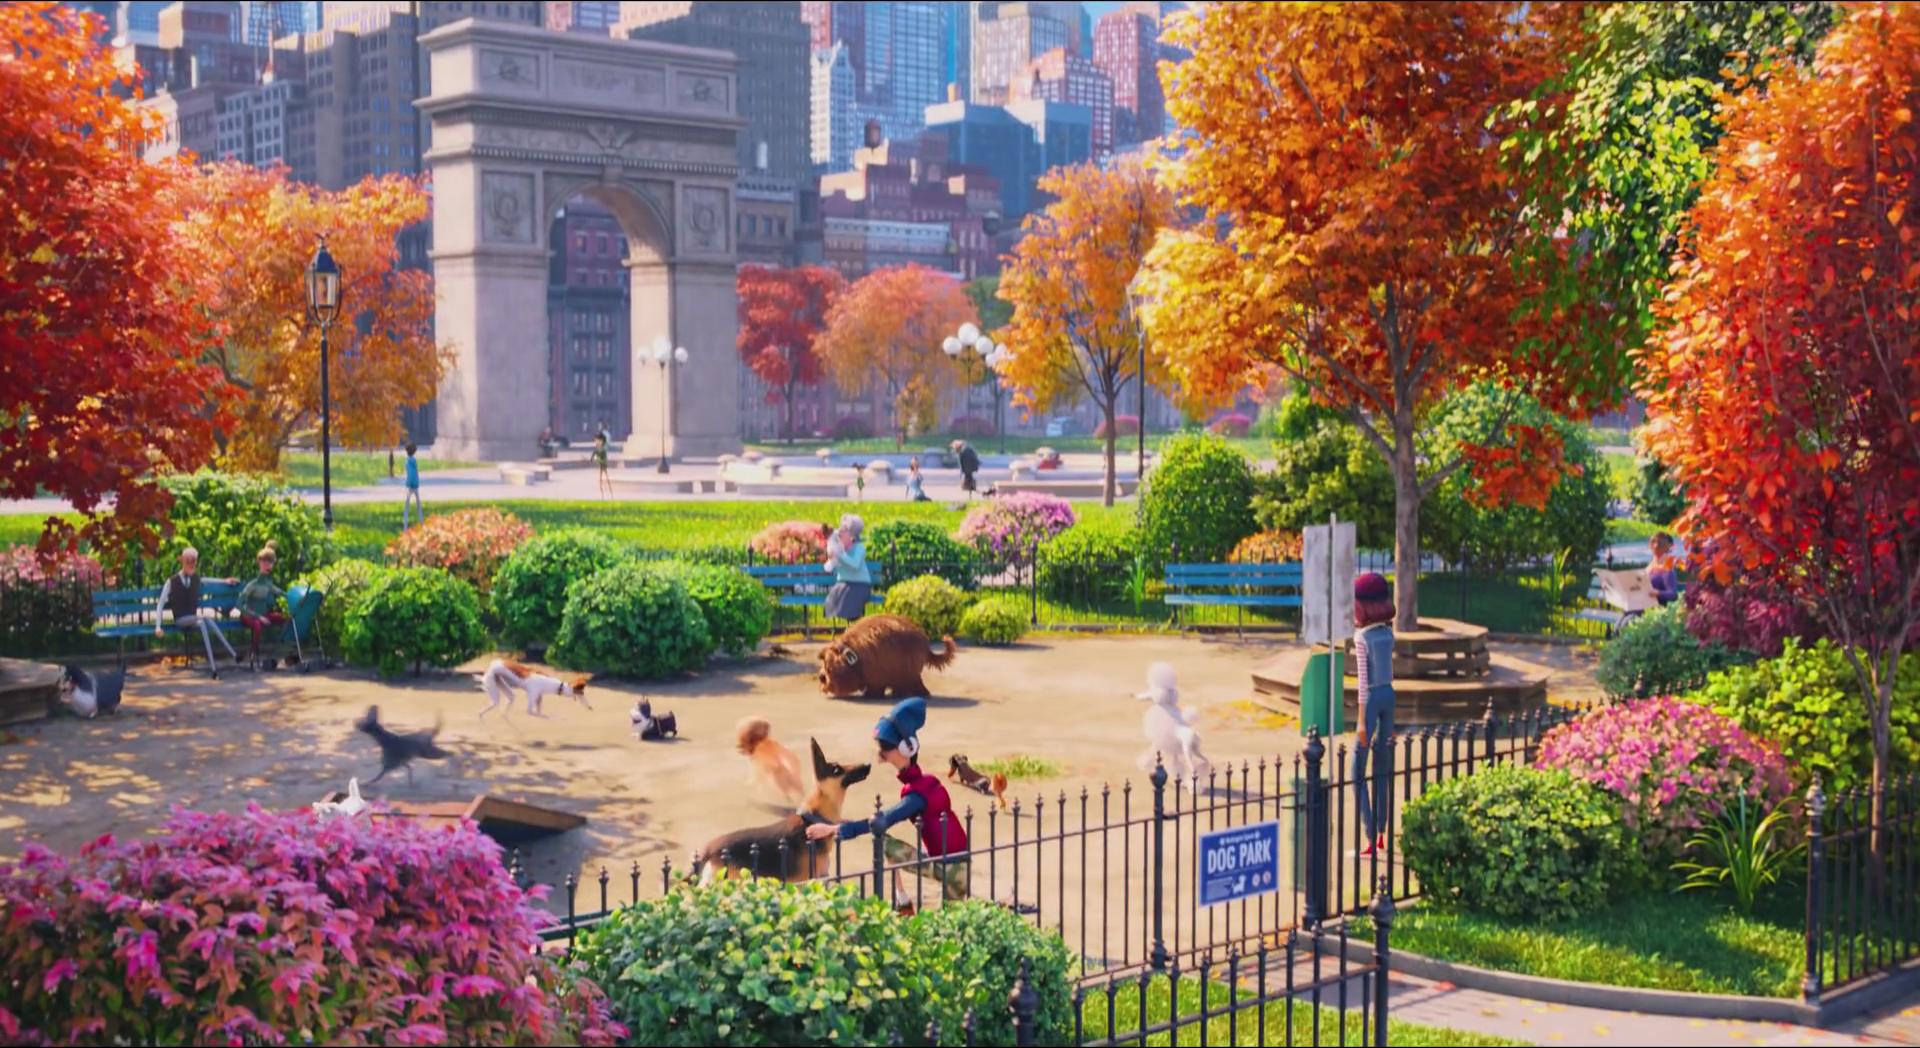 Washington Square Park The Secret Life Of Pets Wiki